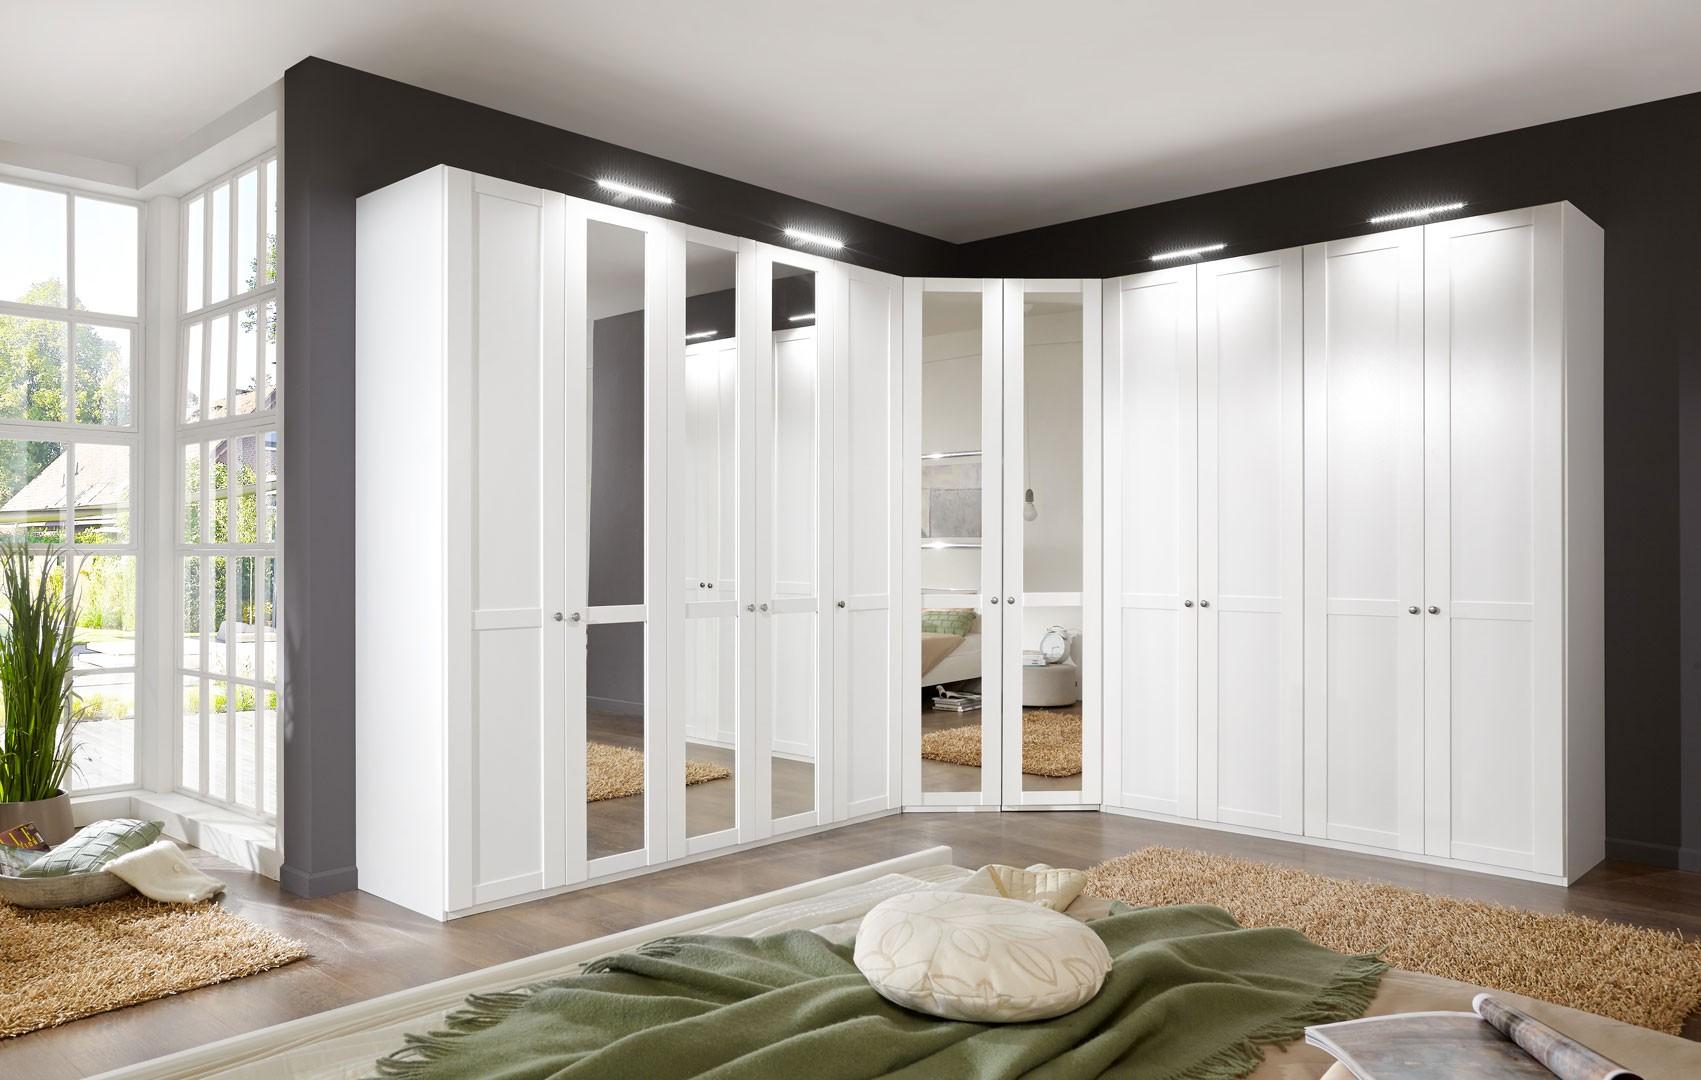 Угловой шкаф в интерьере спальни секционный